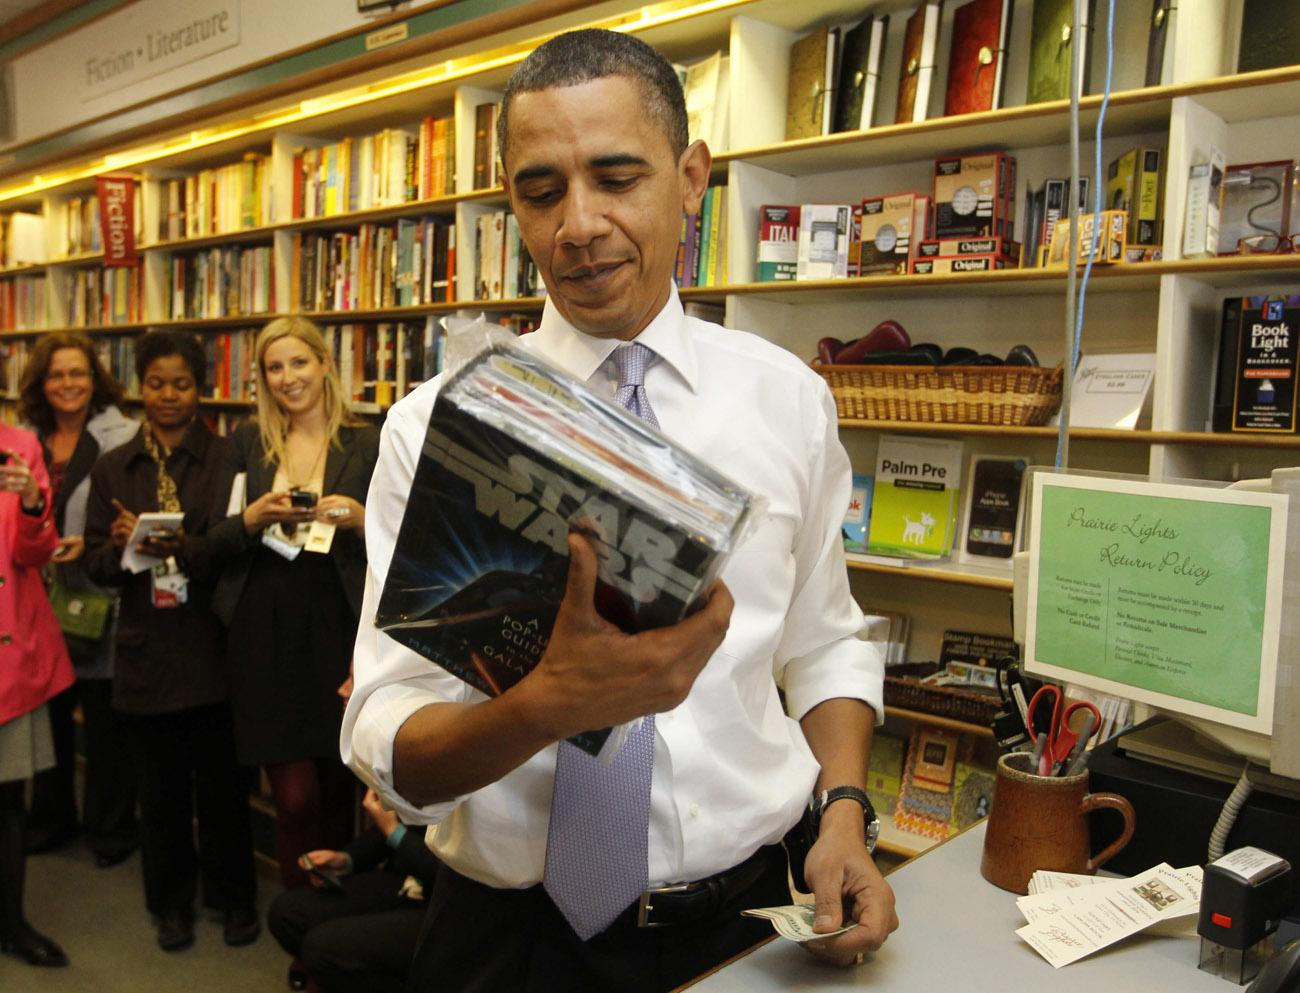 Allí fue donde se creó el primer Máster de Escritura Creativa del mundo, en 1936. Y algo deben saber porque esta ciudad ha producido más de 25 autores ganadores del premio Pulitzer desde 1955. Dicen que en la ciudad de Iowa, la mitad de su población se dedica a escribir, y la otra mitad aspira a hacerlo. Tal vez sea por ello que durante el año se celebran distinto festivales y concursos literarios. Una de las librerías más emblemáticas de Estados Unidos esté aquí, la Prairie Lights a la que acuden clientes como Barack Obama.